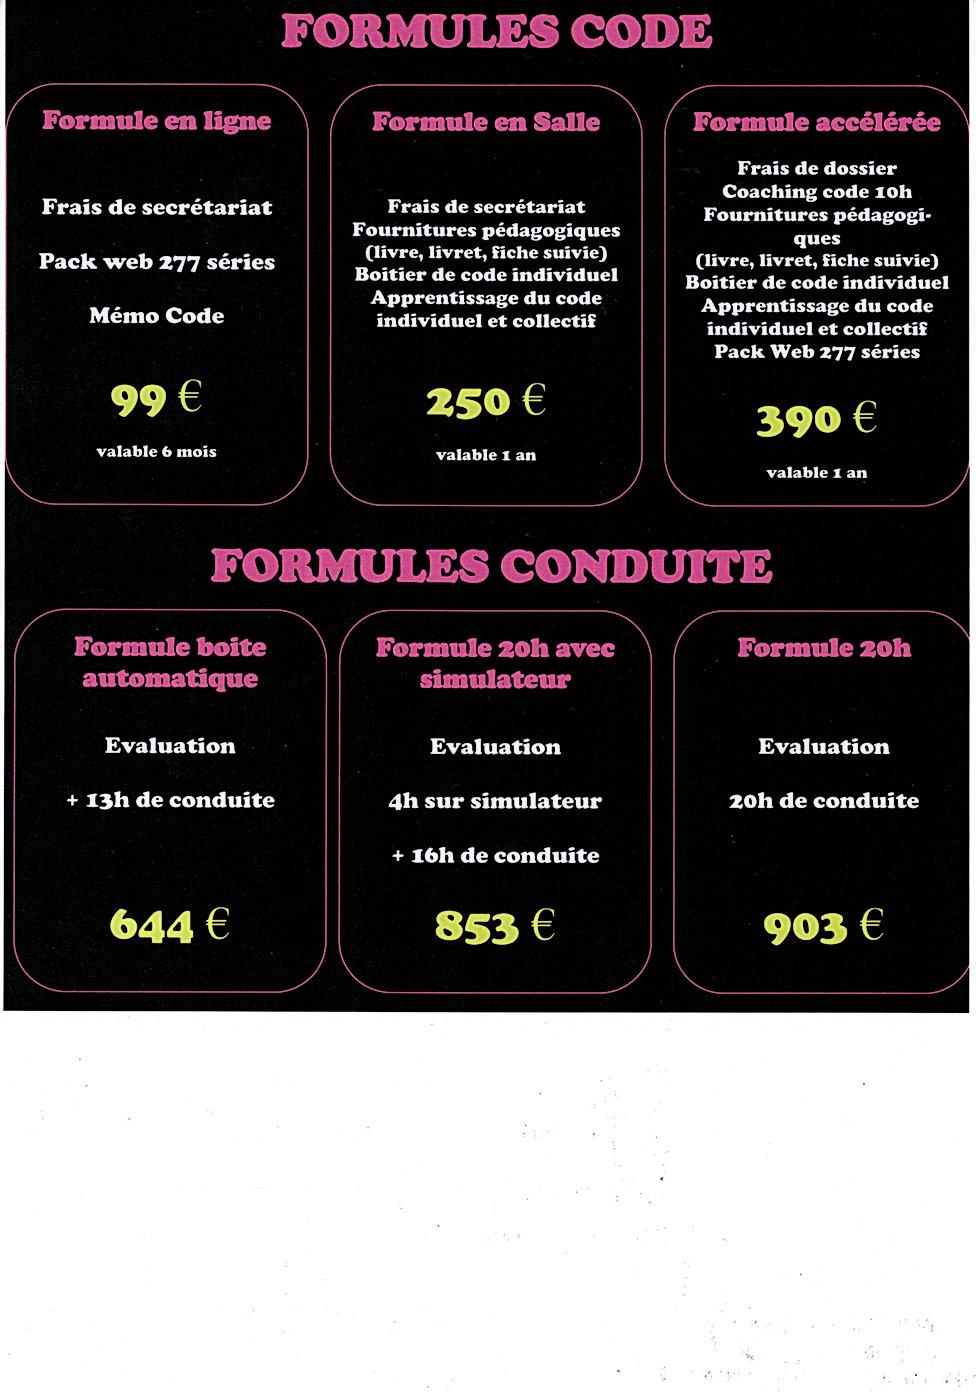 formule2020.jpg